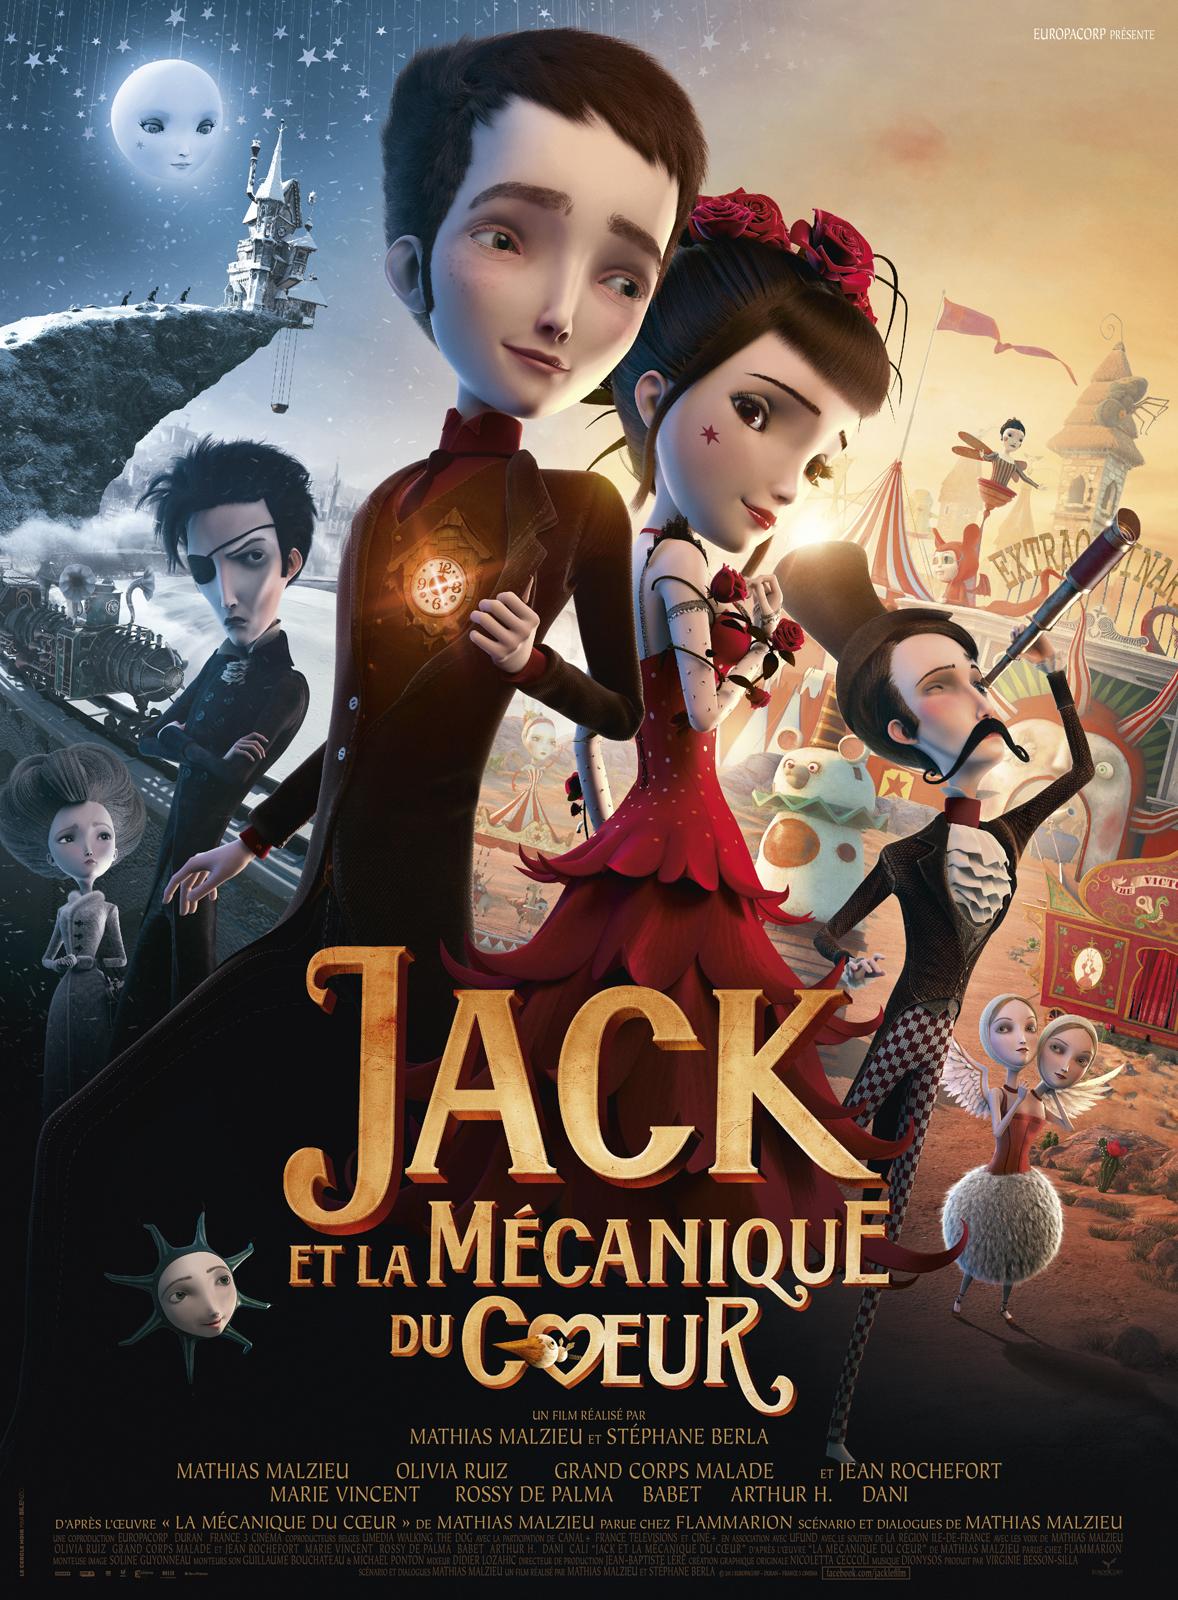 Jack et la mécanique du cour